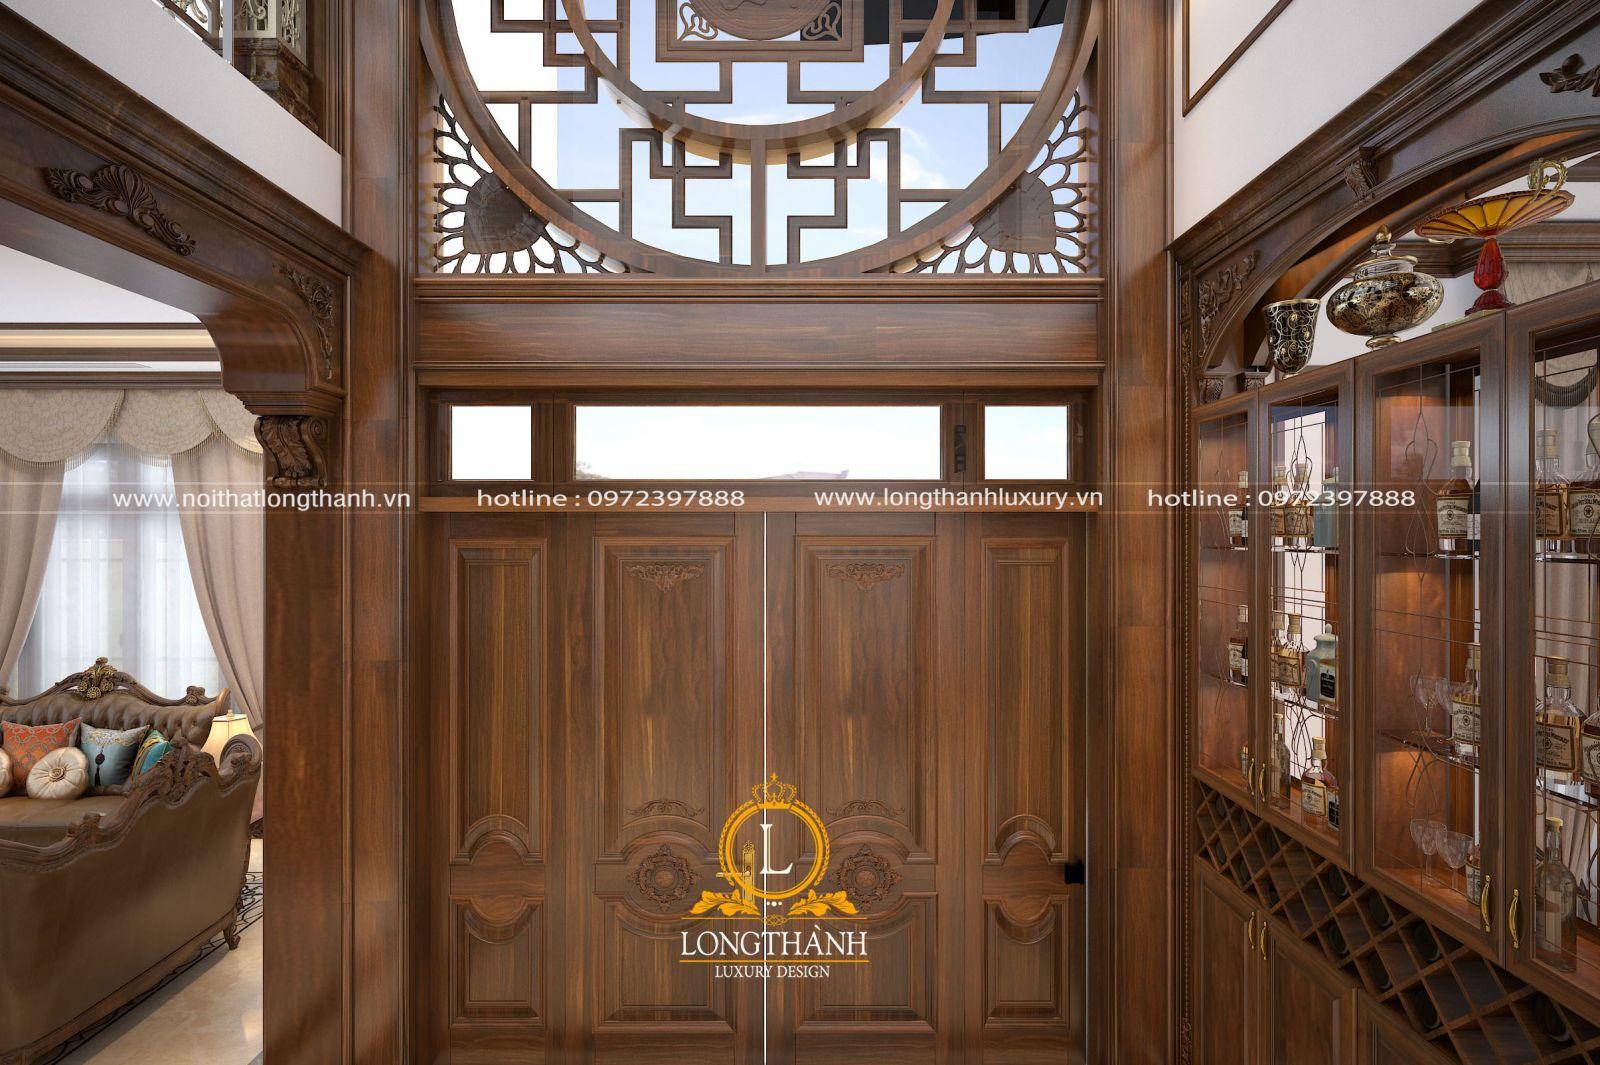 Mẫu cửa 4 cánh đẹp được làm từ gỗ Hương tự nhiên